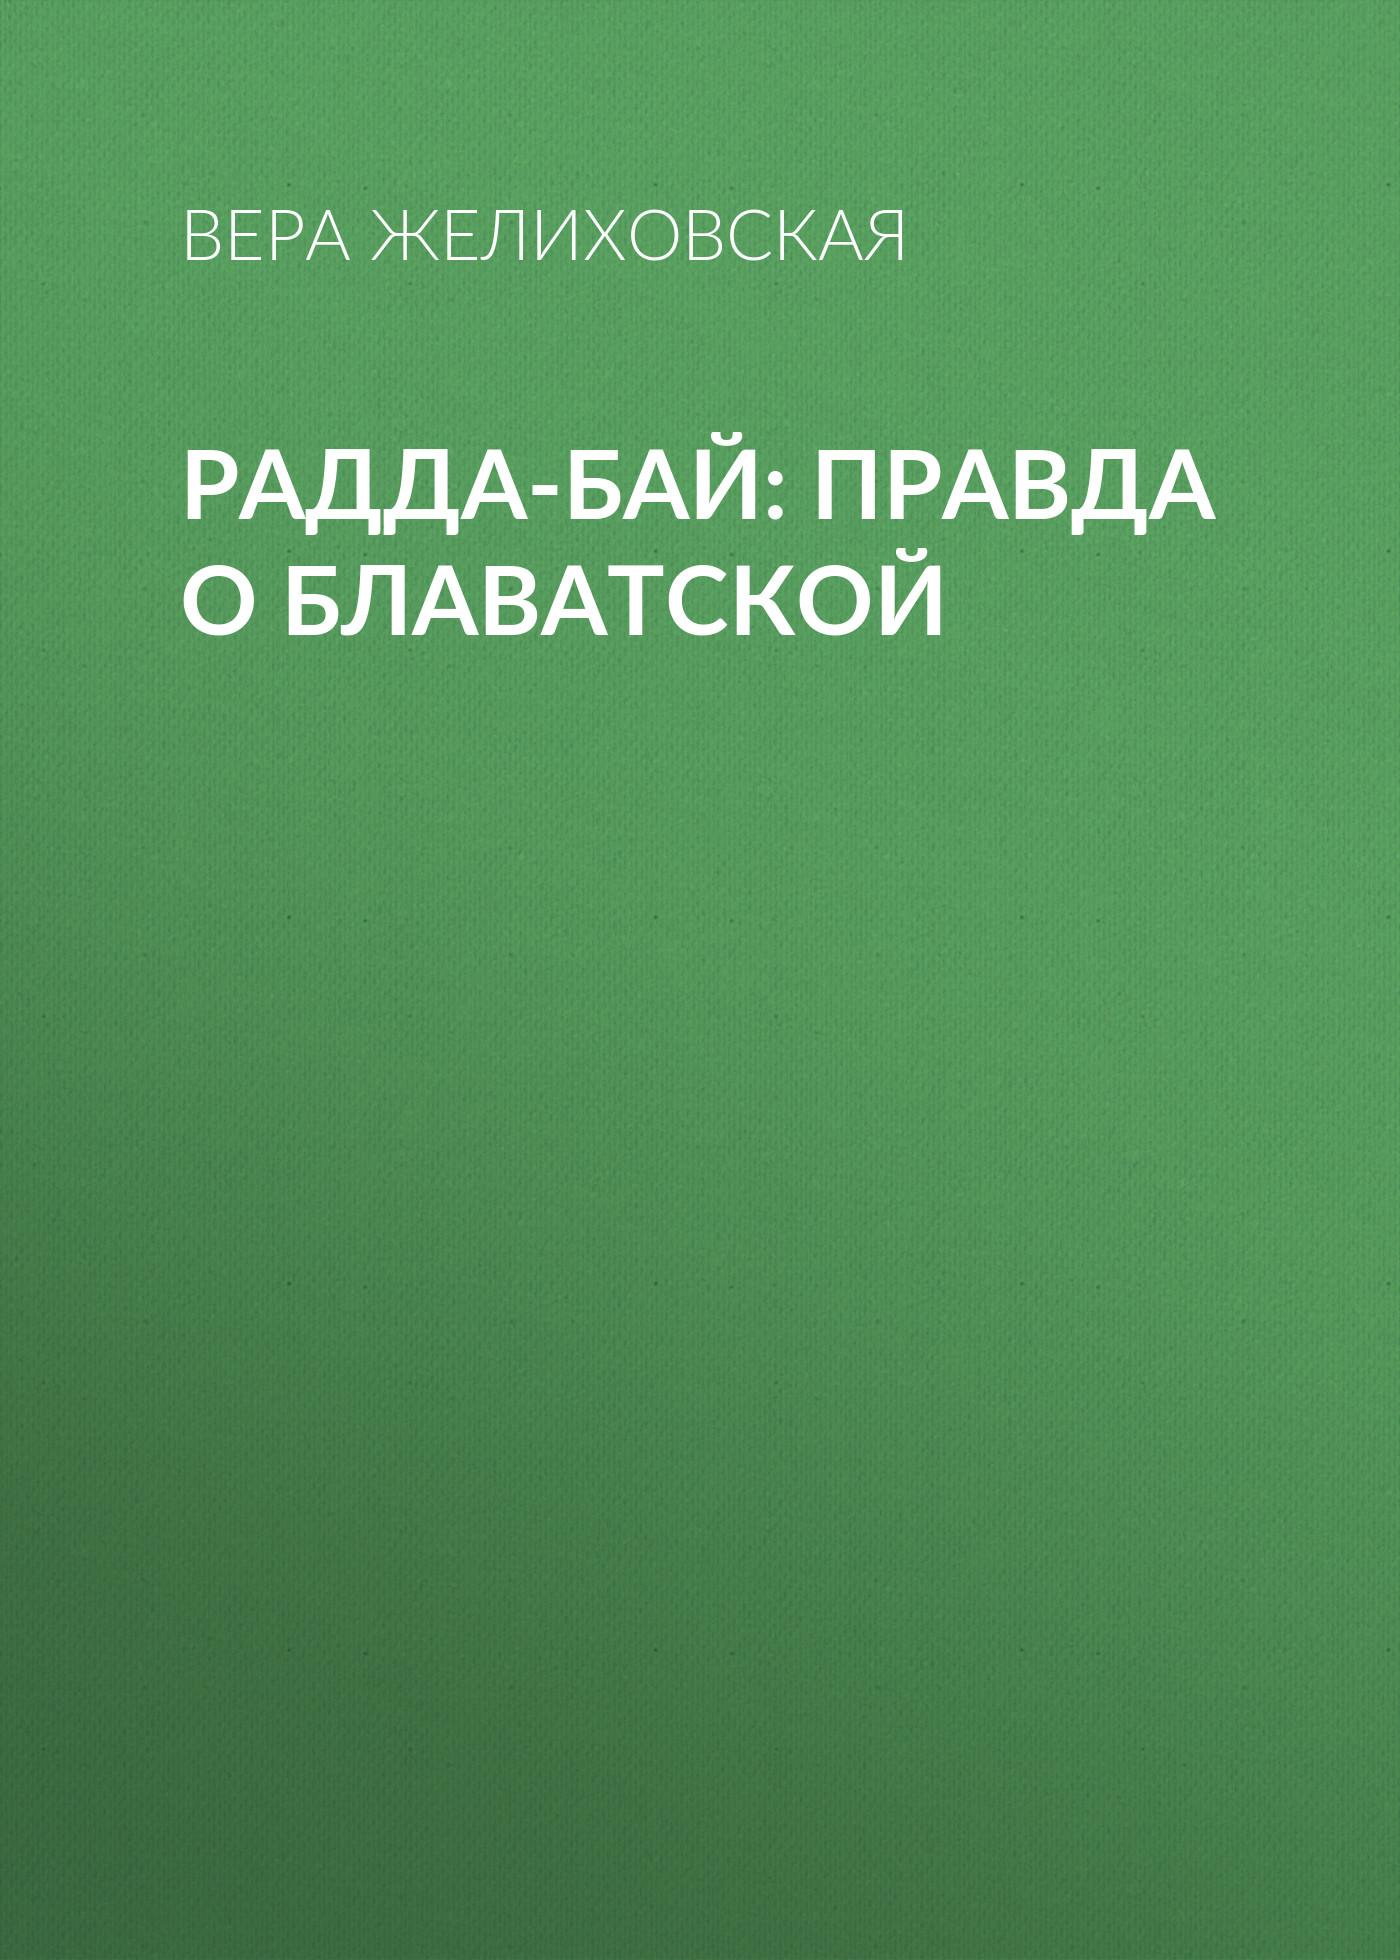 Вера Желиховская Радда-Бай: правда о Блаватской вера желиховская в христову ночь